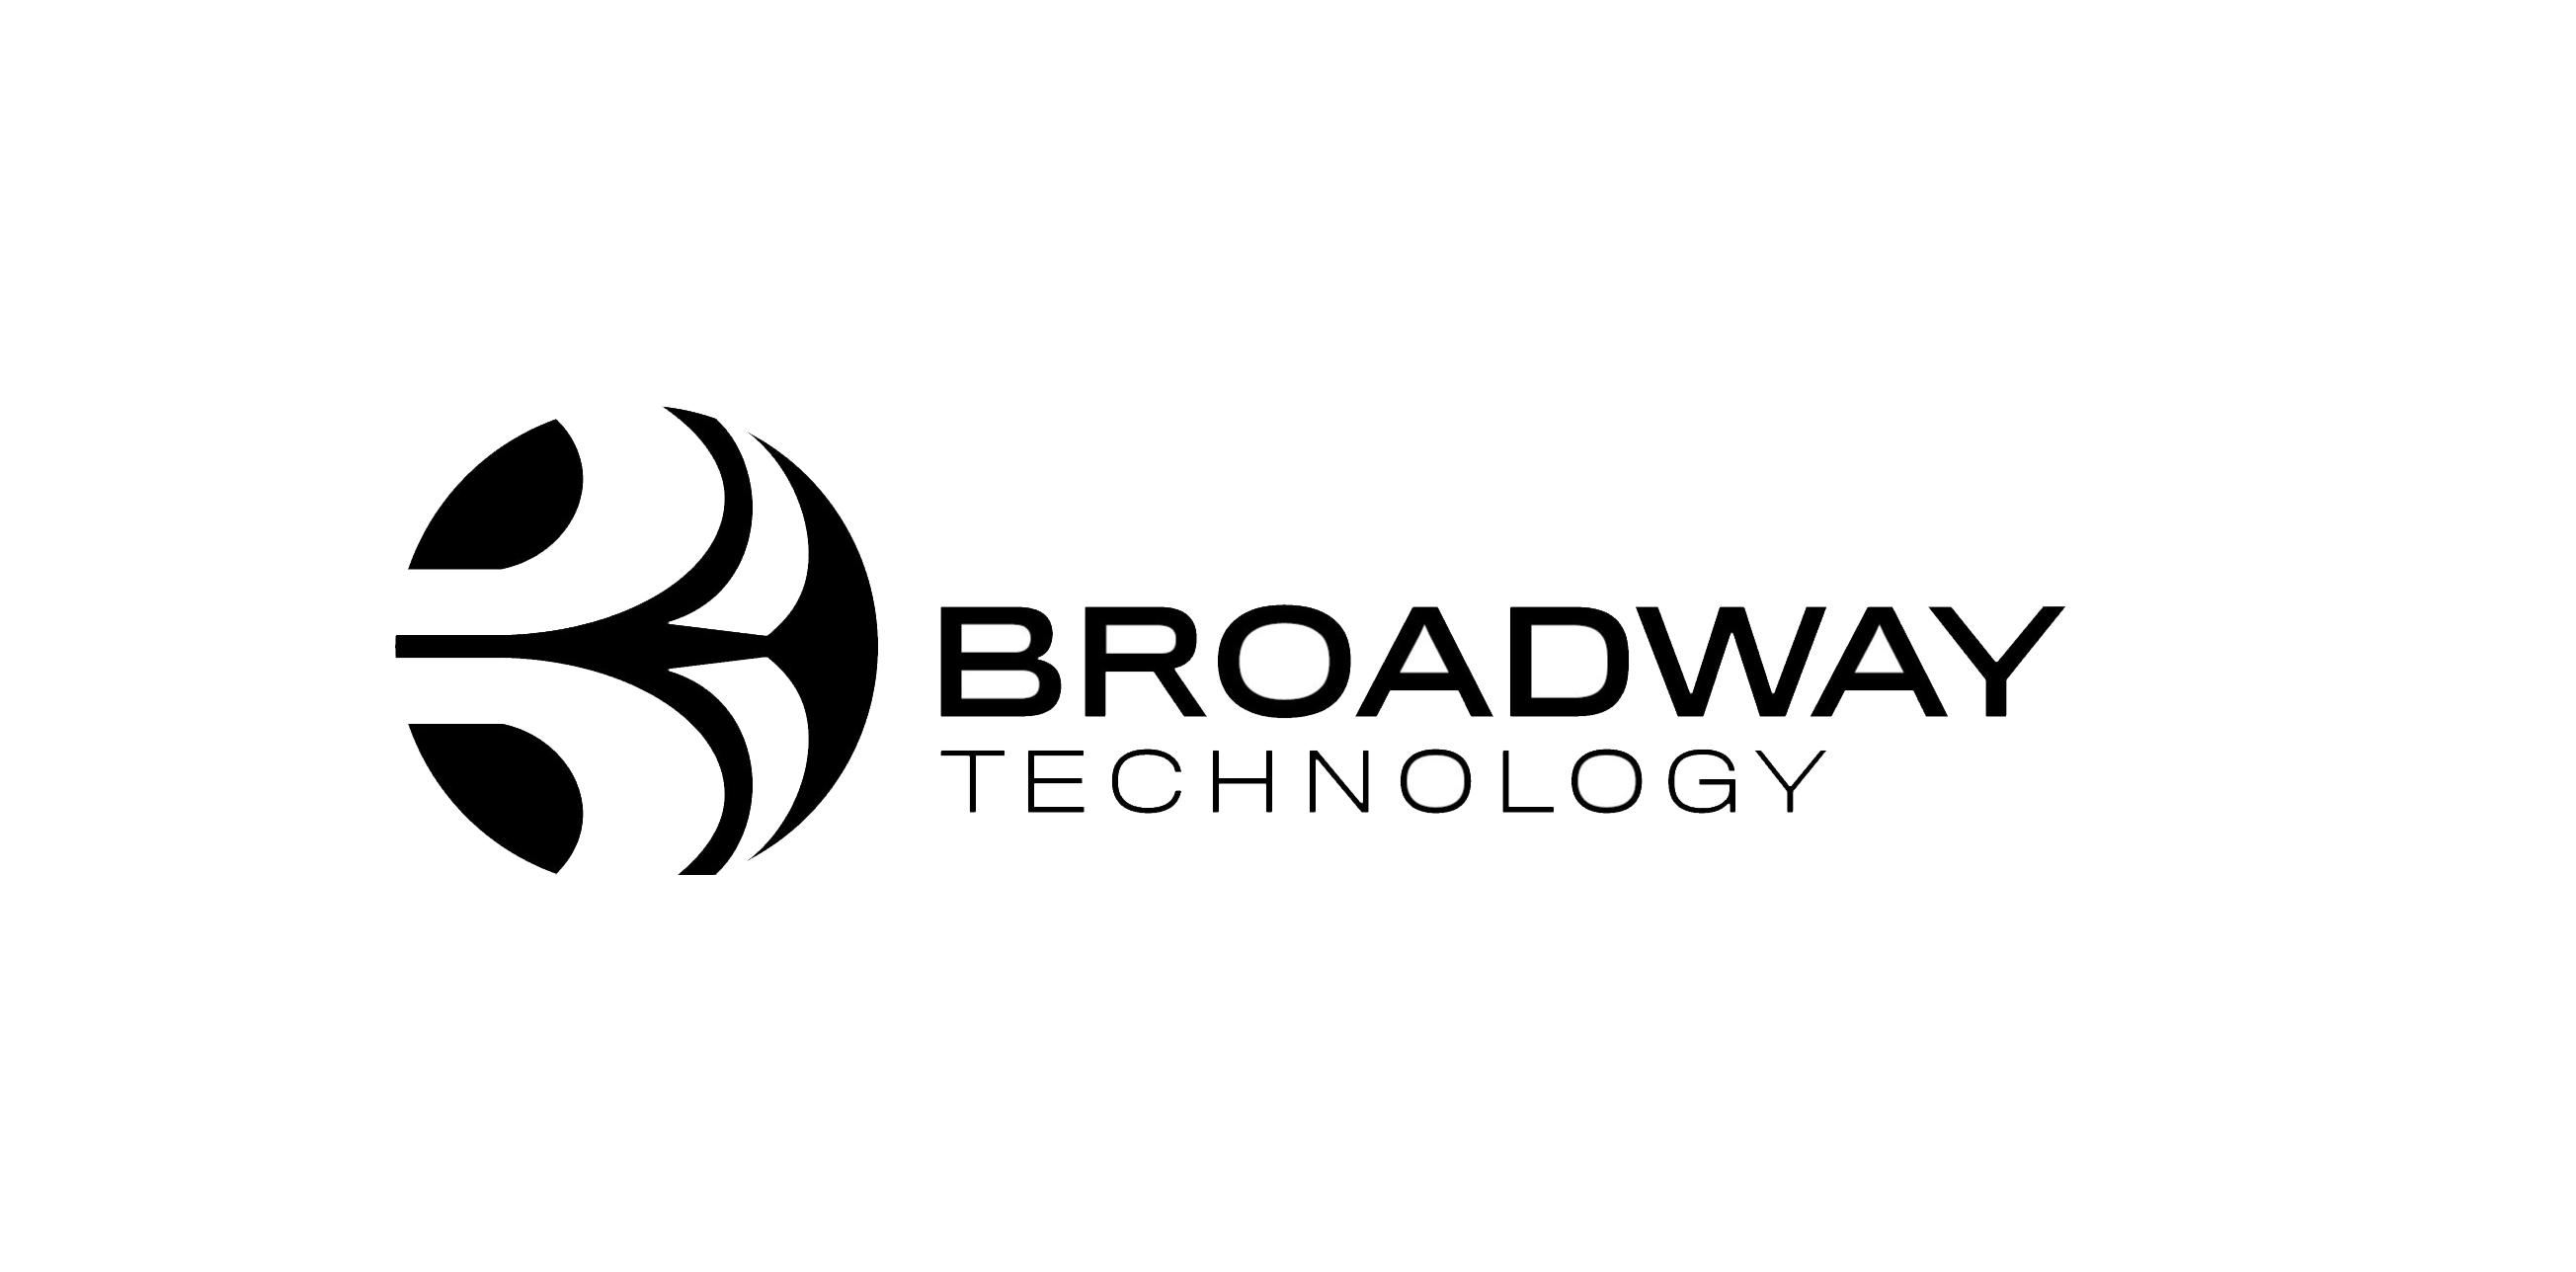 Broadway Technology Expands Global Business Development Team